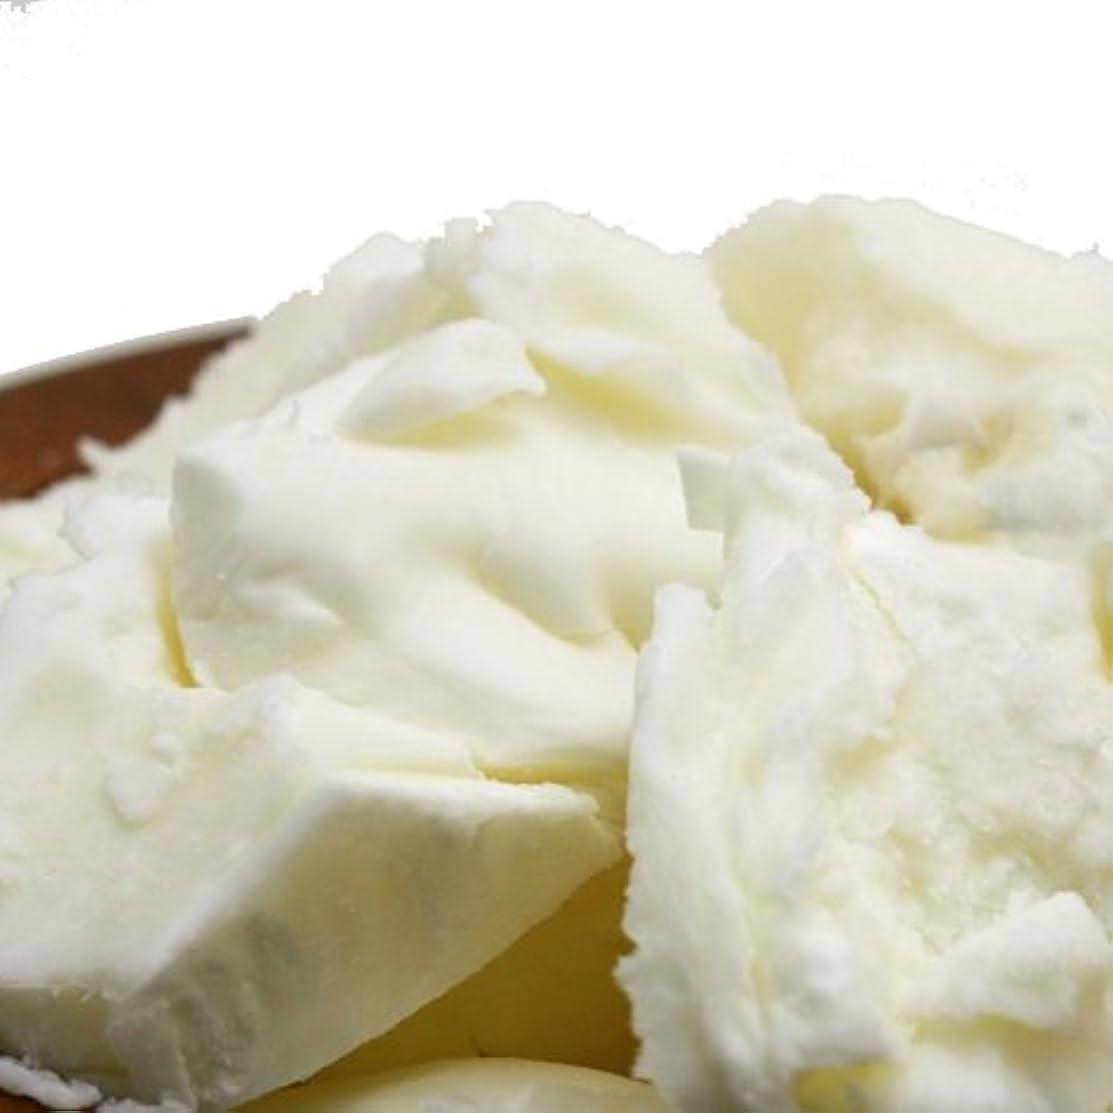 パキスタンチャップ同情精製シアバター 50g シア脂 【手作り石鹸/手作りコスメ/手作り化粧品】